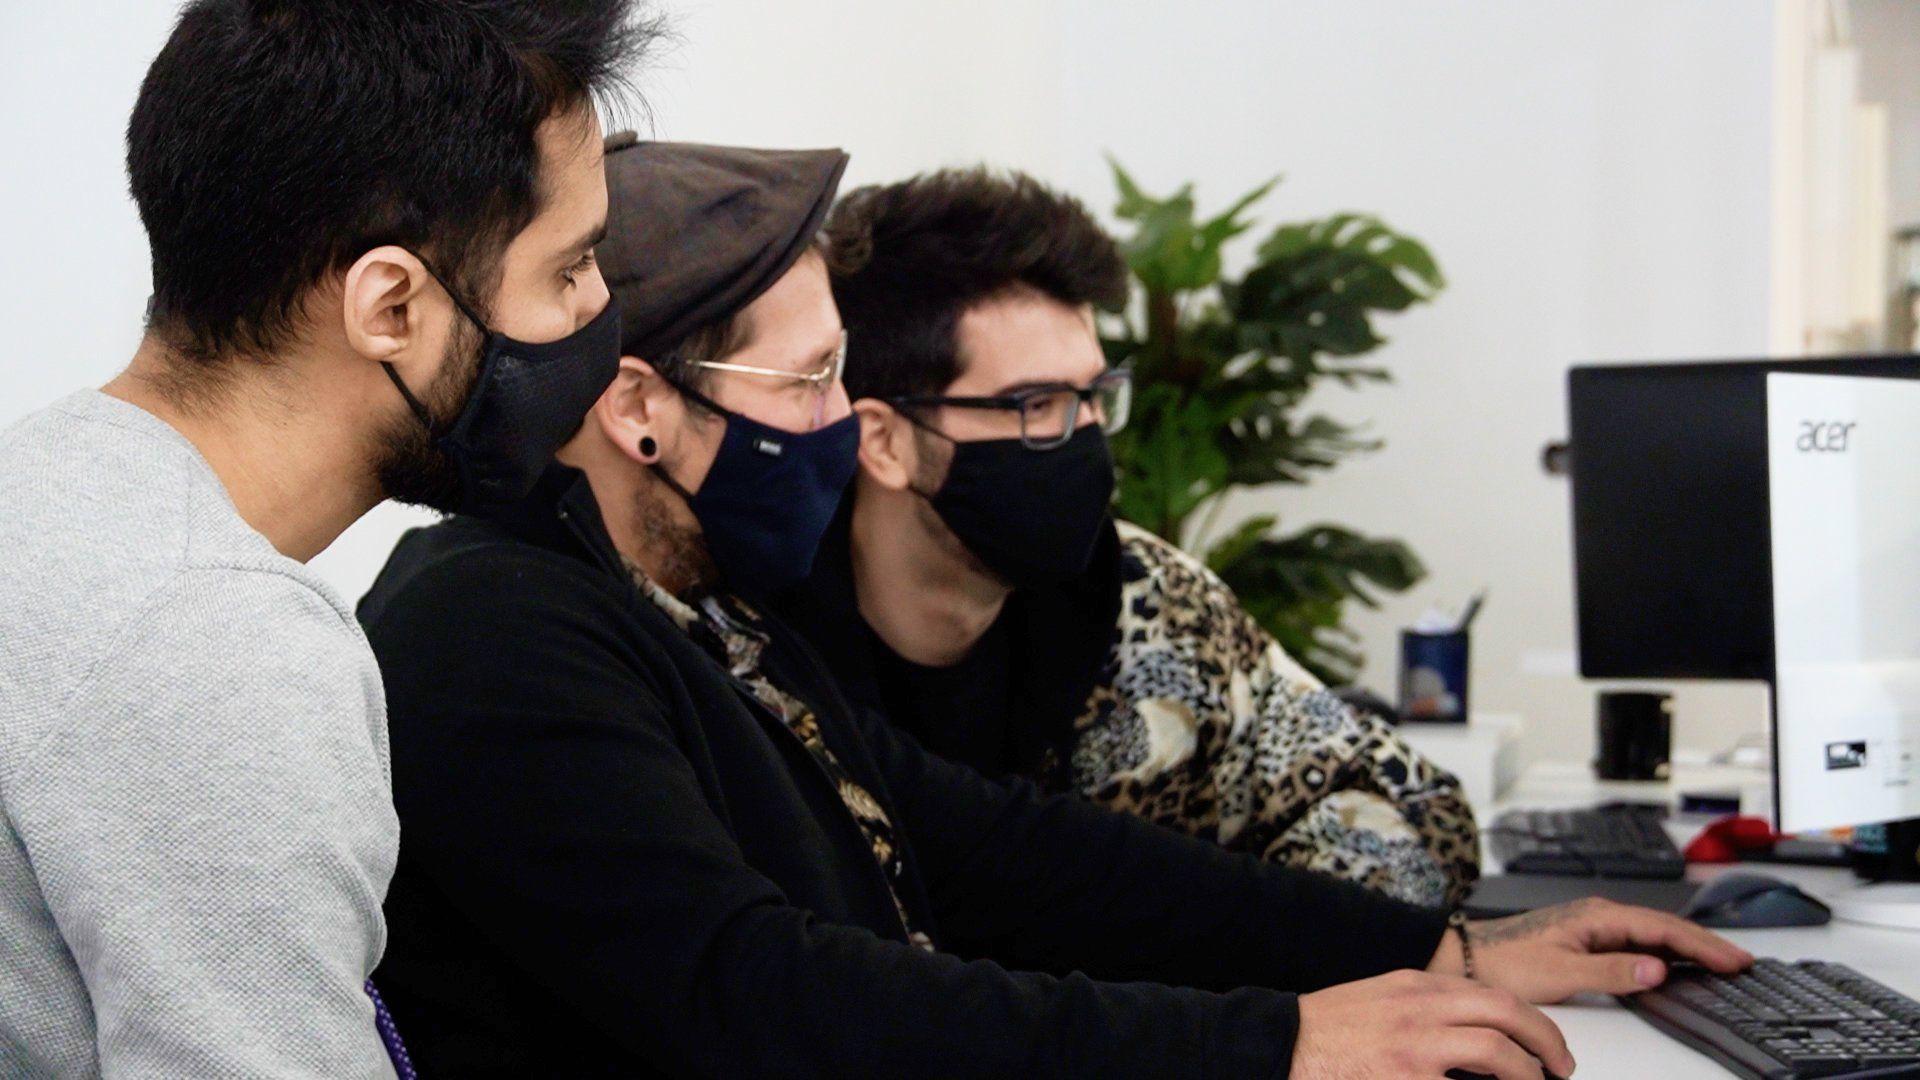 3dforscience workers